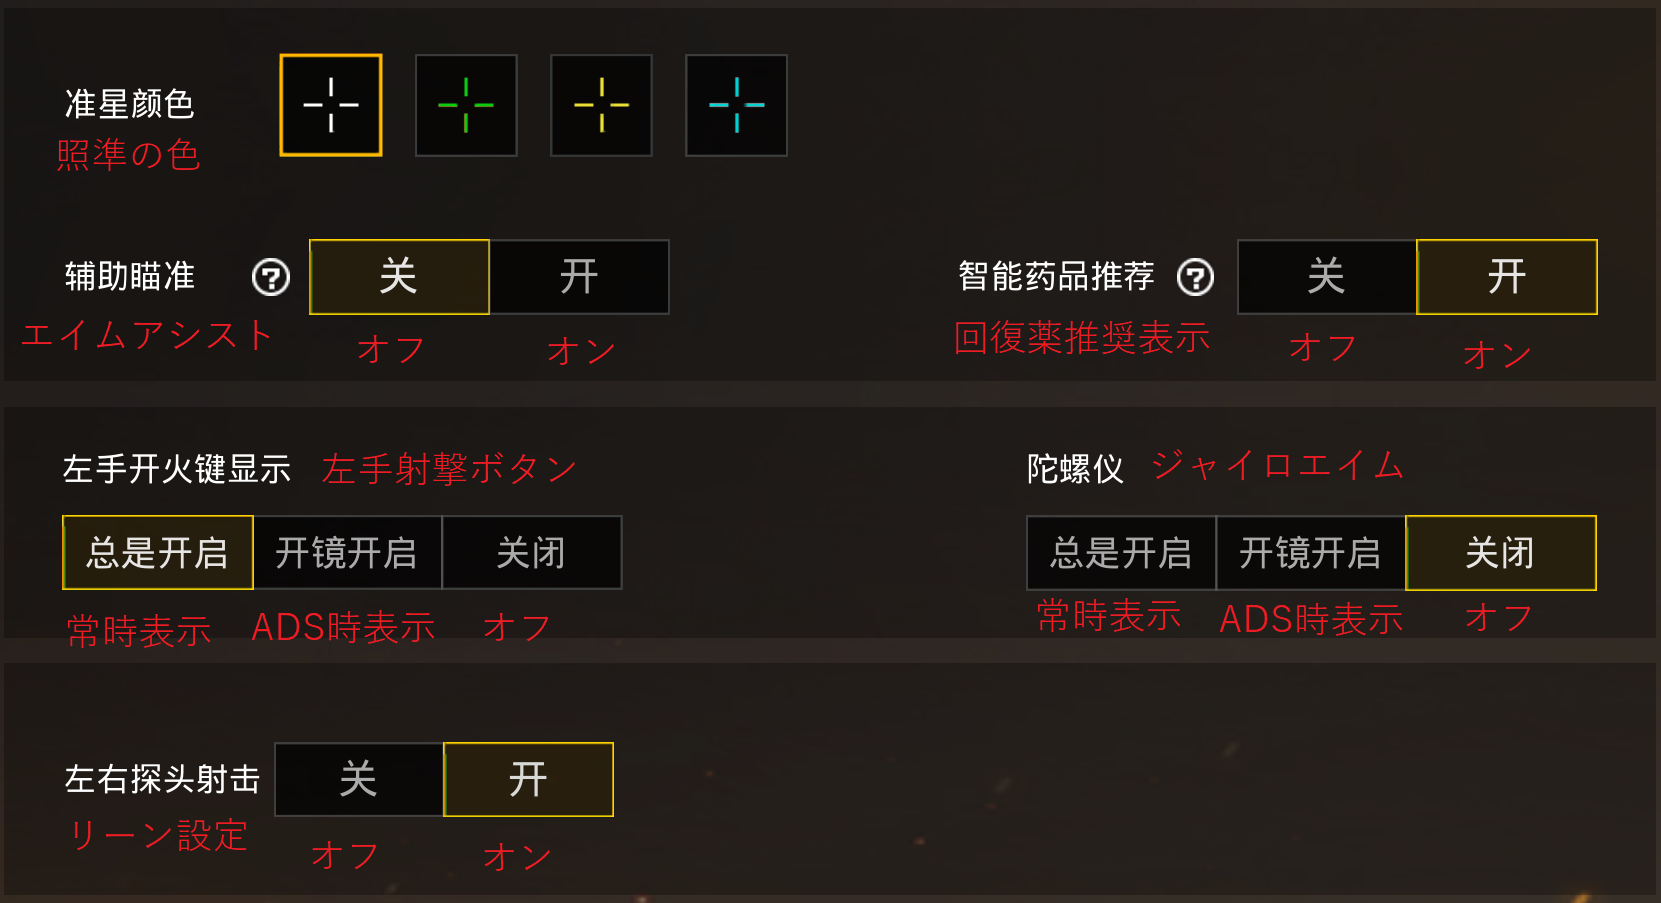 基礎設定画面の翻訳